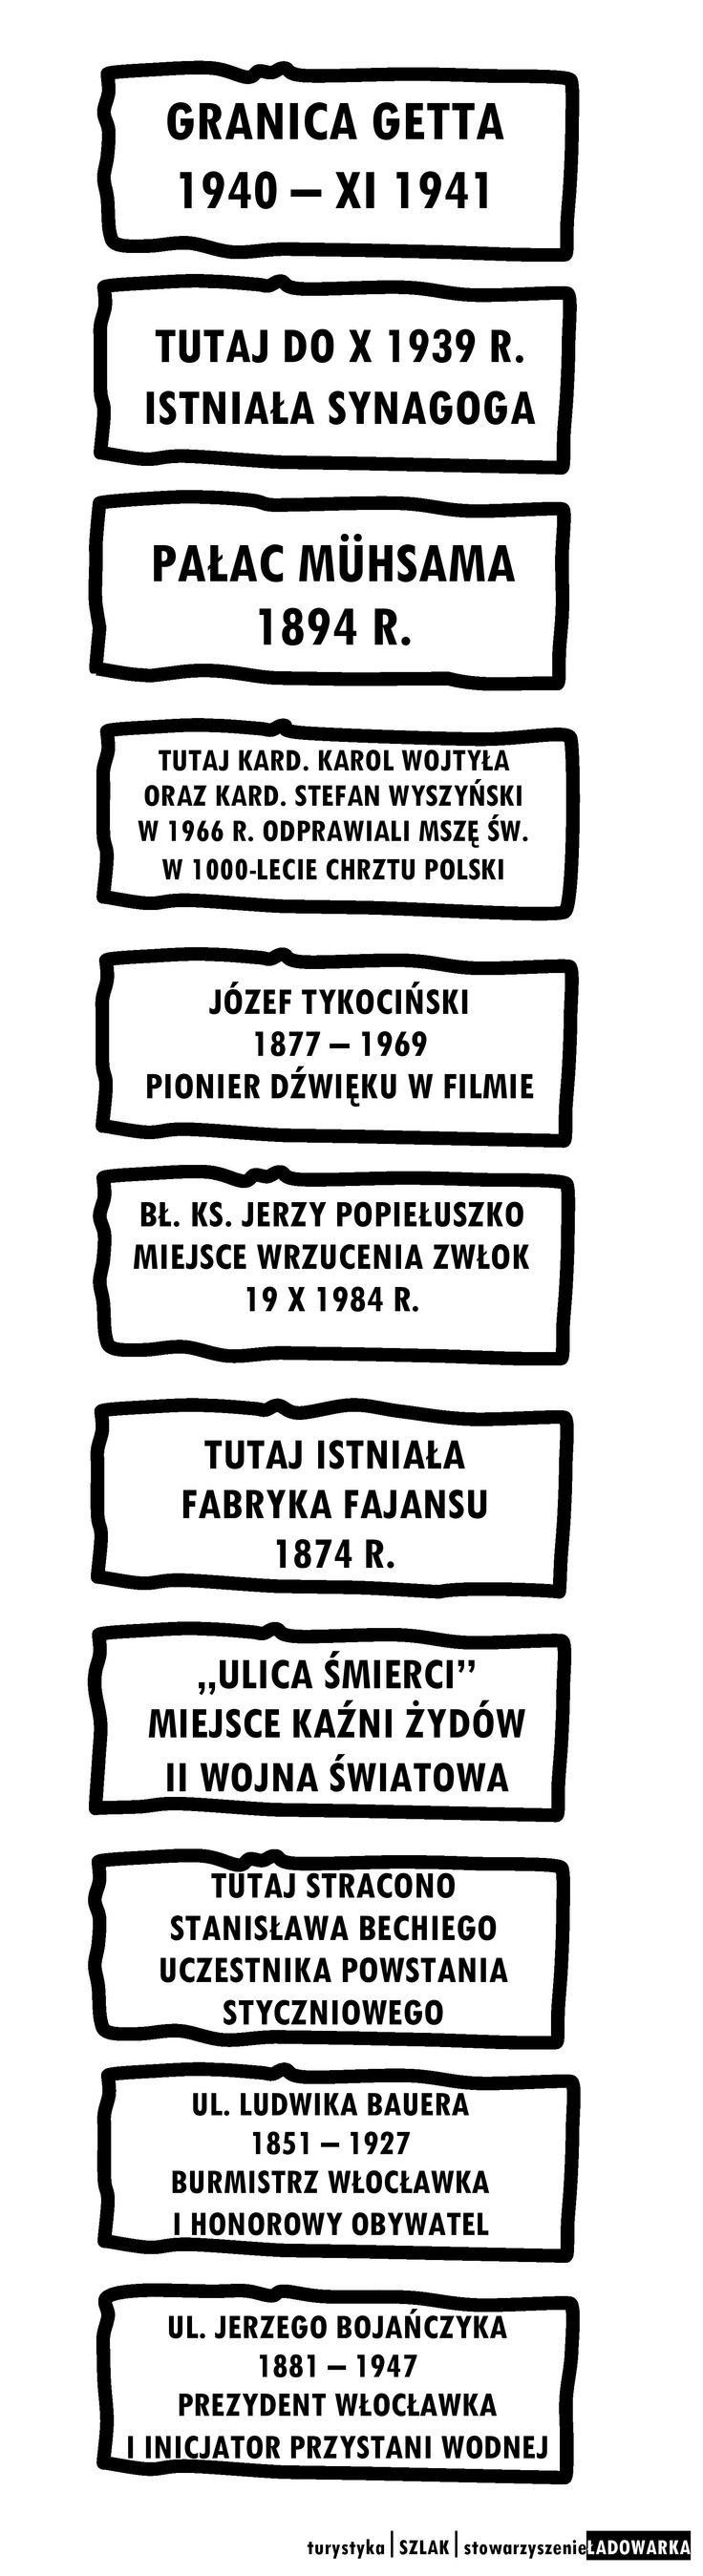 SZLAK Włocławek Tourist TRAIL Wloclawek